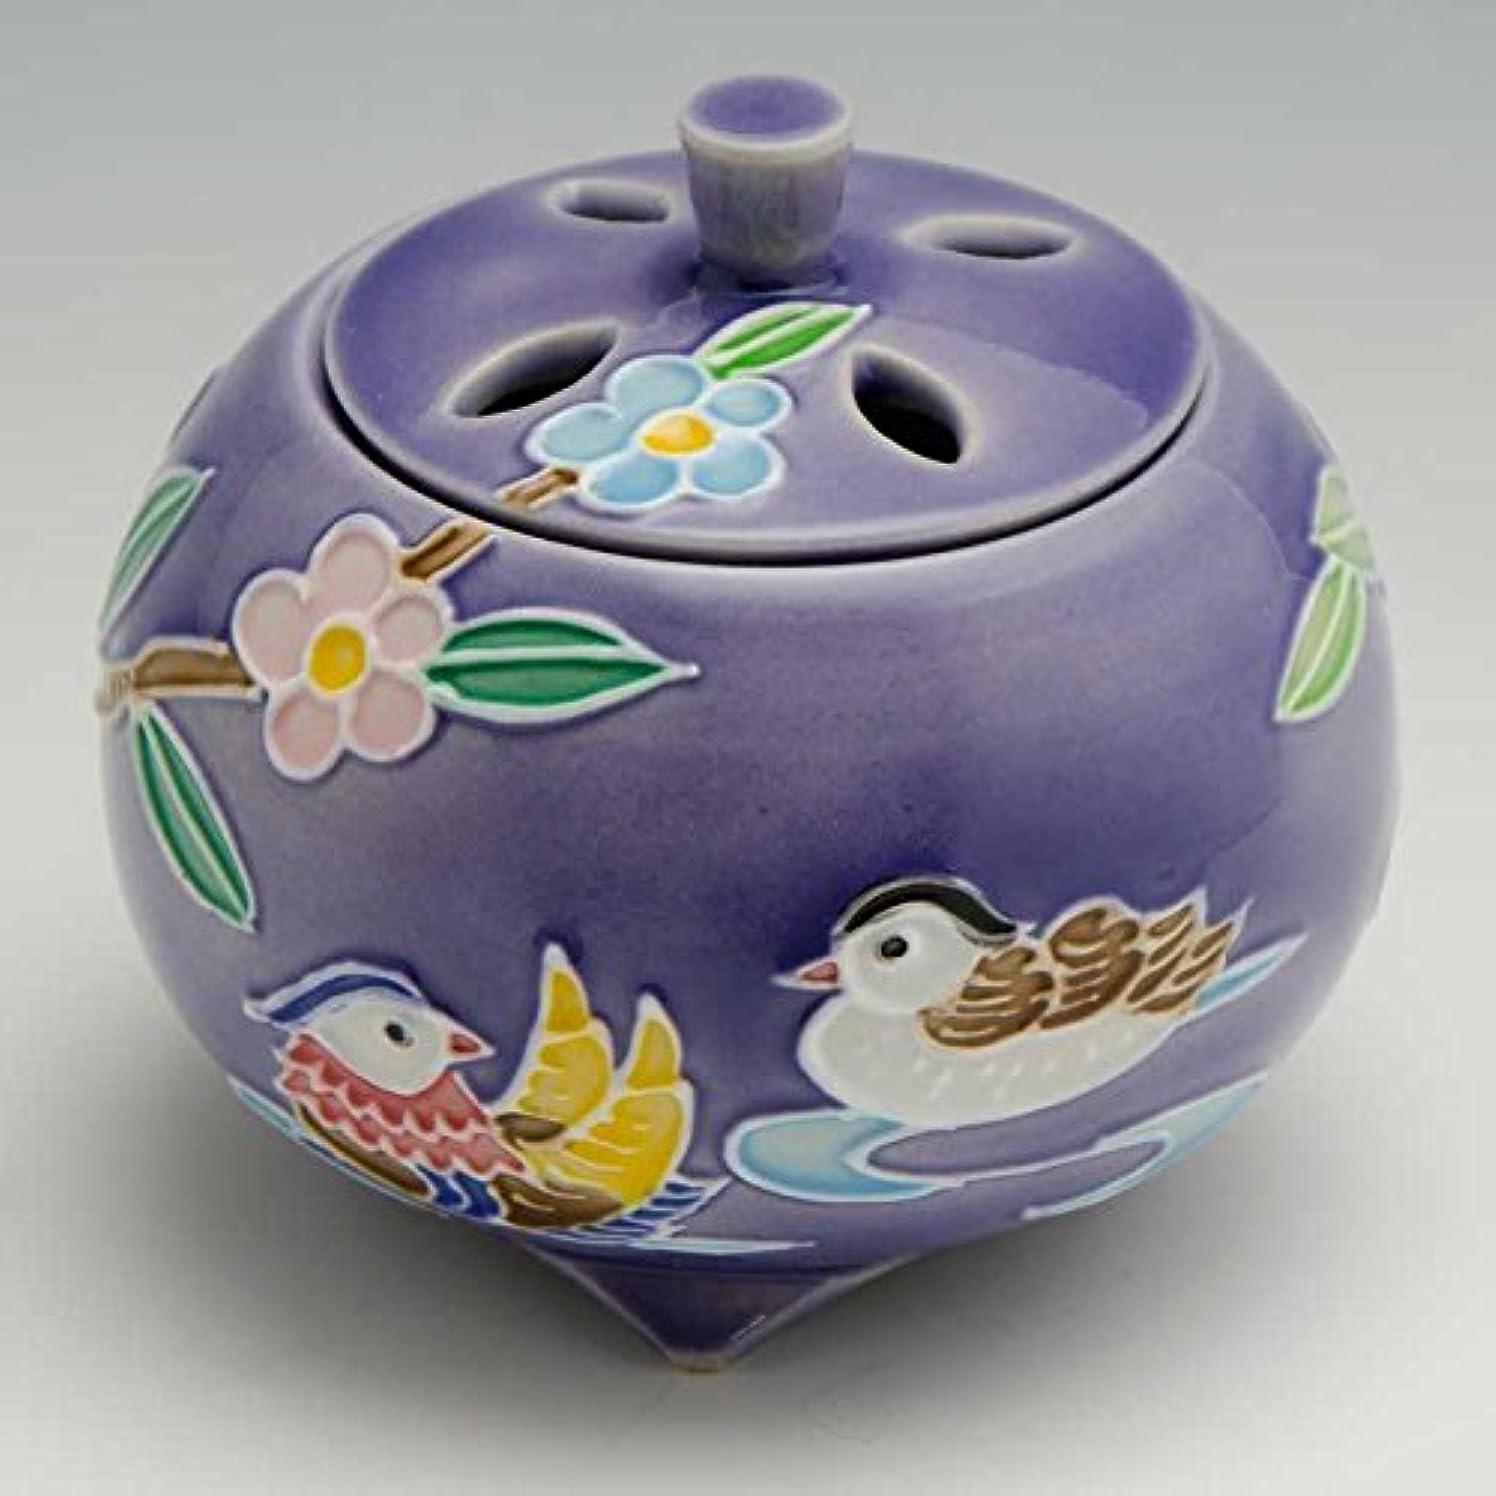 エキスカリング束京焼 清水焼 京 焼き 京焼き 香炉 1個 木箱入 交趾おしどり(紫) こうちおしどり(むらさき) YSM134